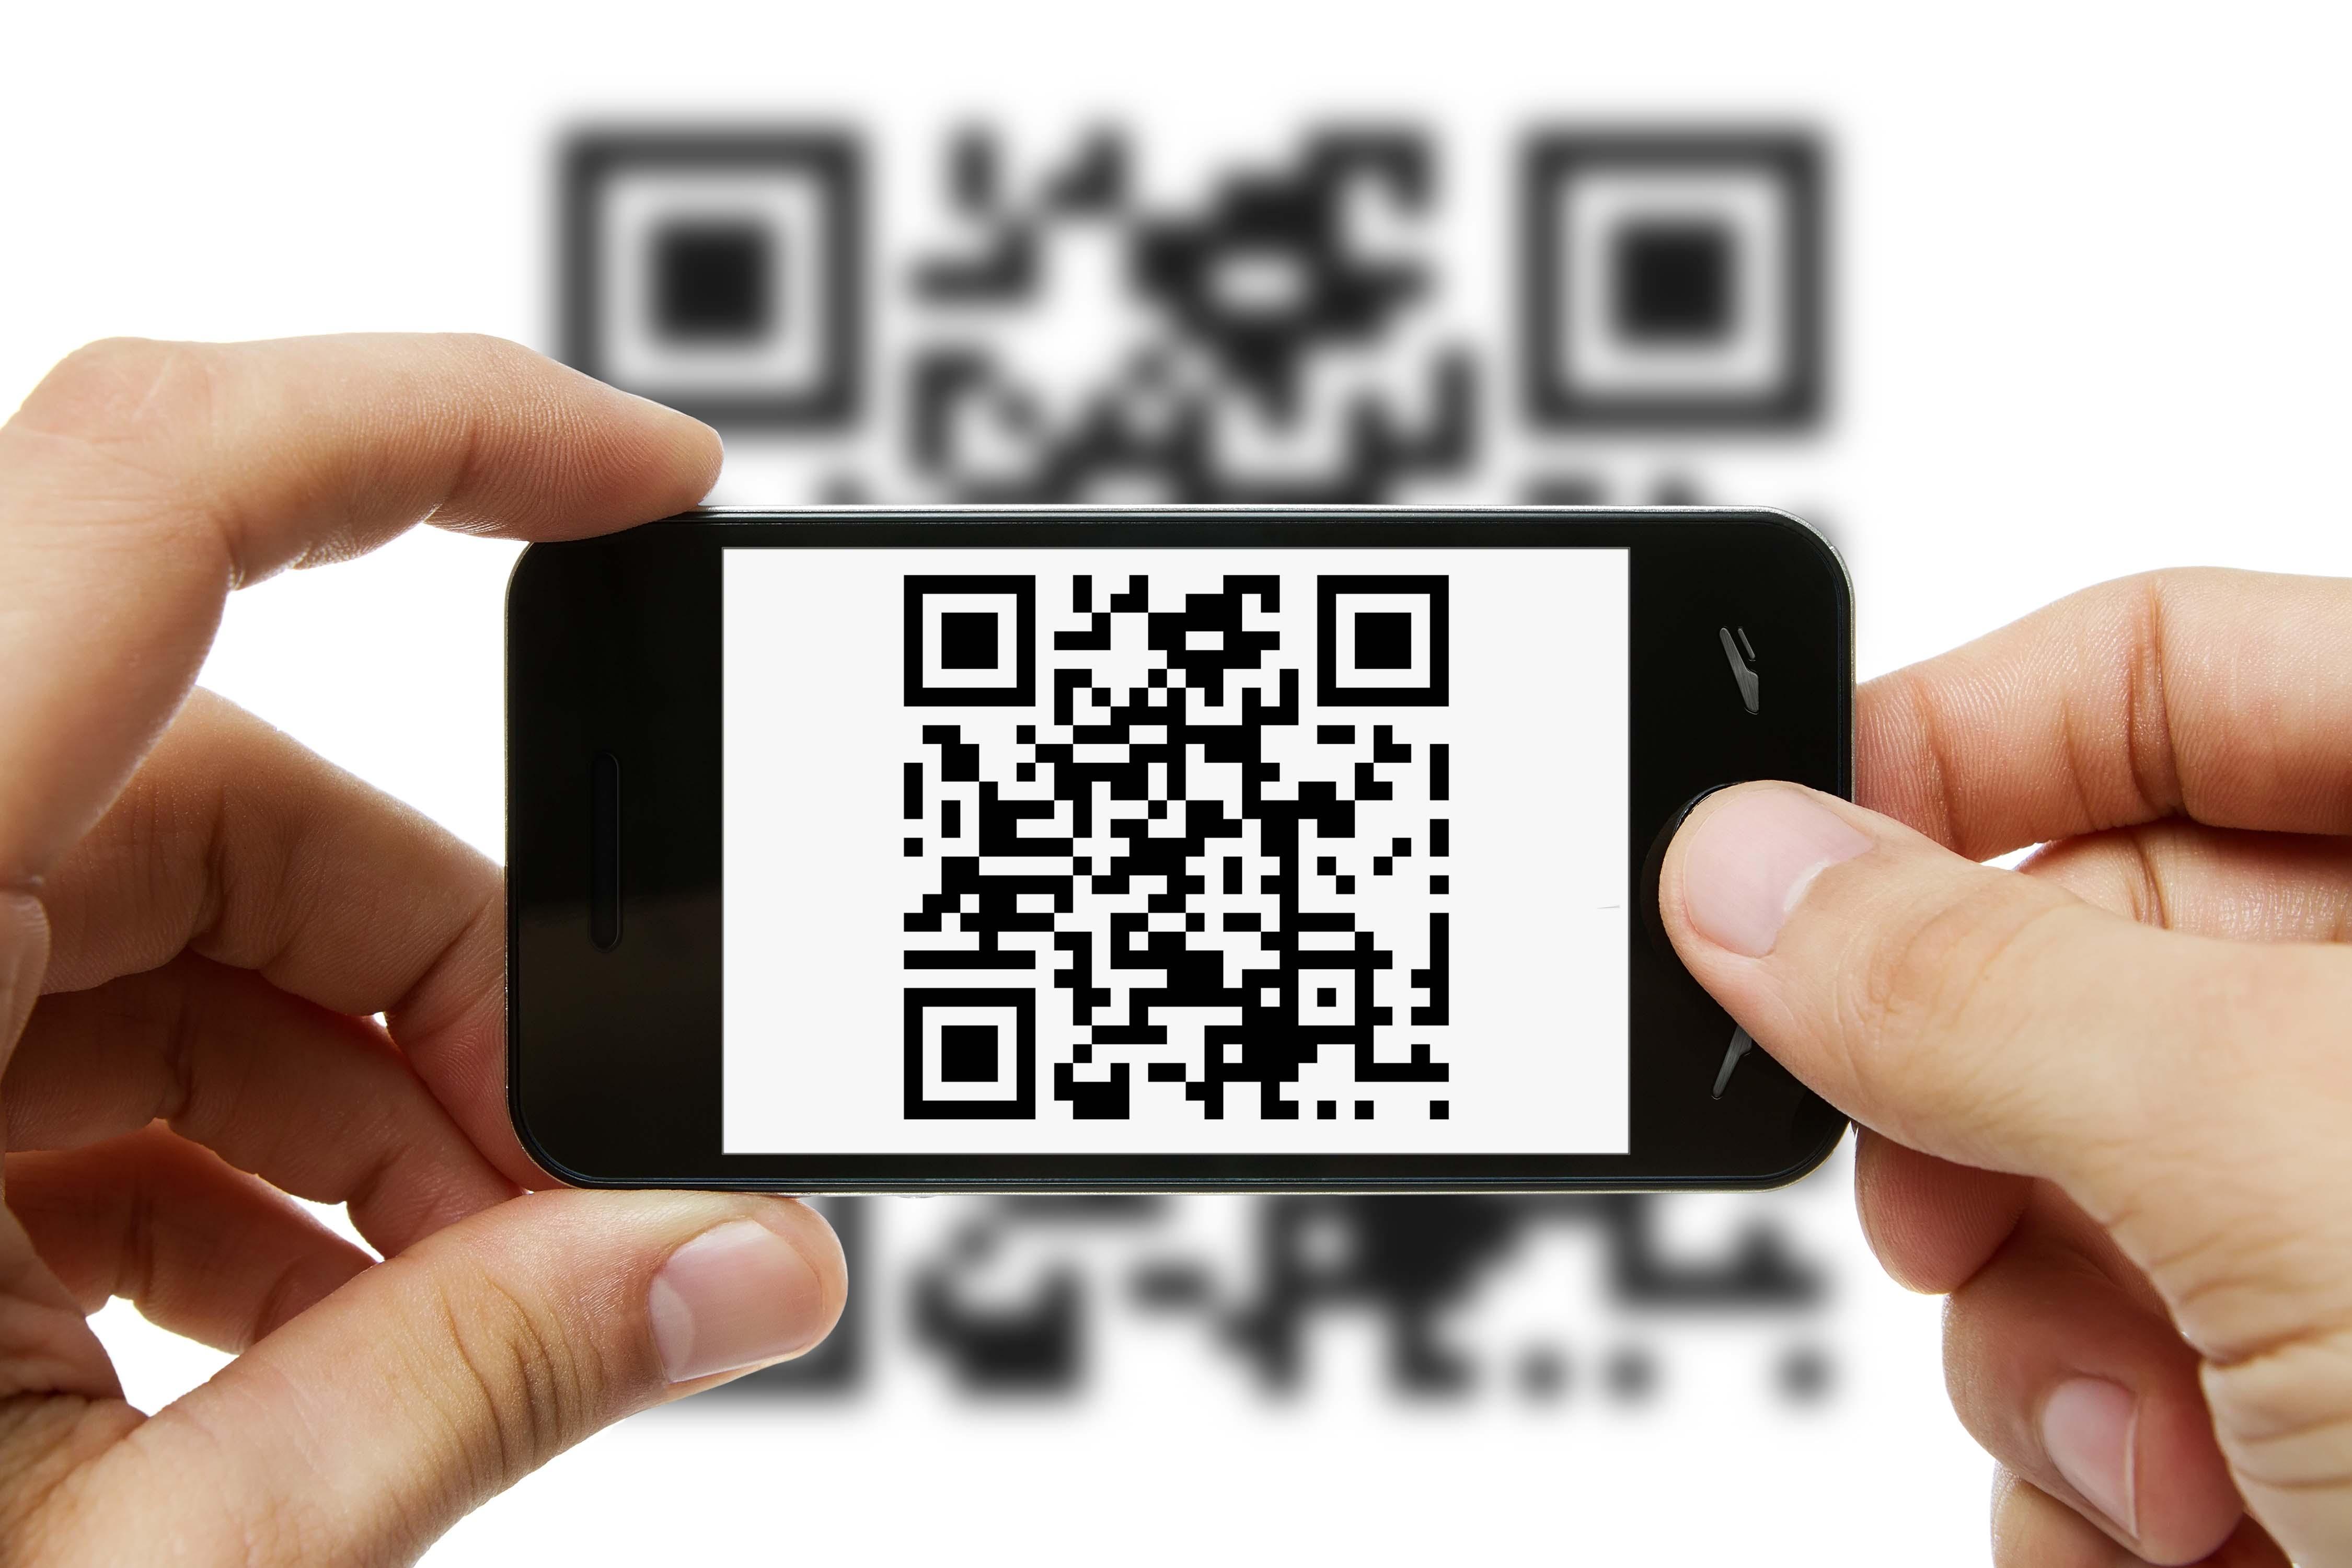 Сервис PAYQR подойдет для квитанций со специальным кодом, который надо сканировать